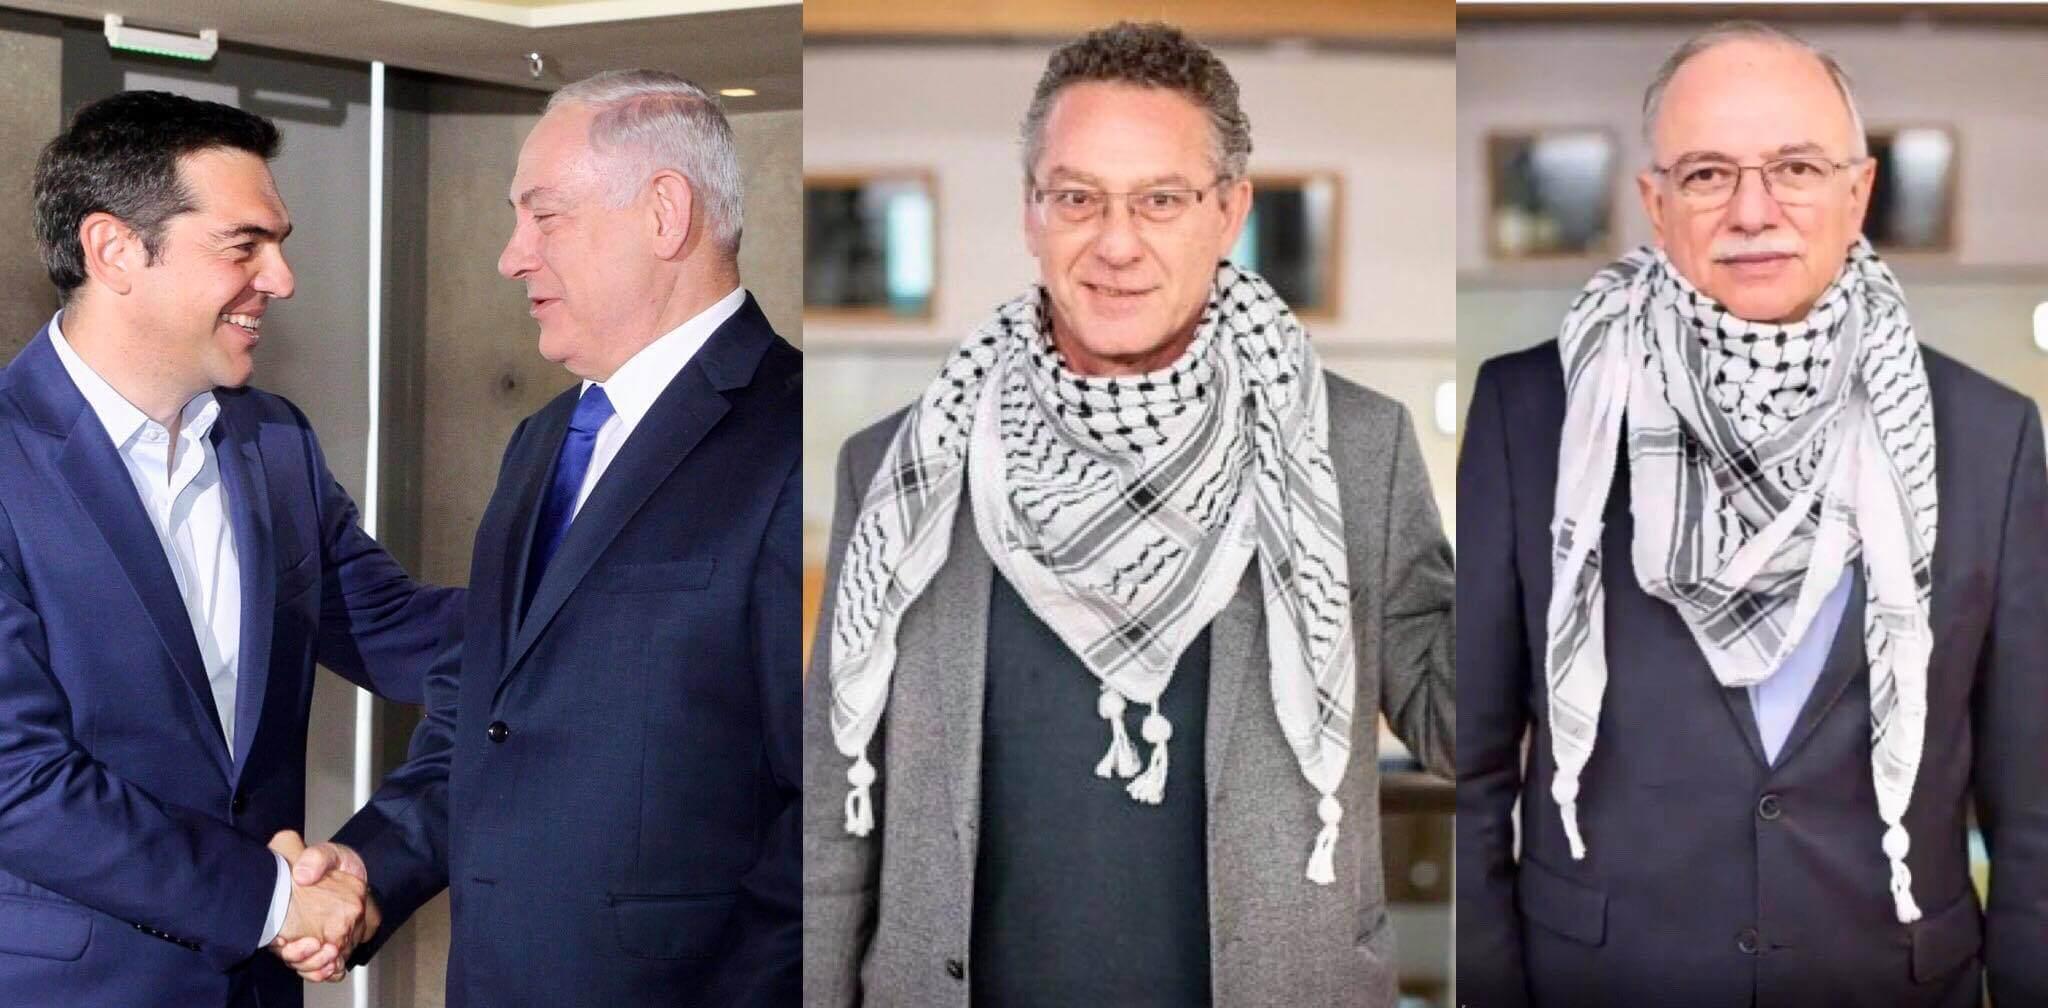 Πρακτικός οδηγός: Πώς να γλείφετε το Ισραήλ φορώντας kufiya (dailypost.gr, Σταμάτης Ζαχαρός, 09.07.2020)